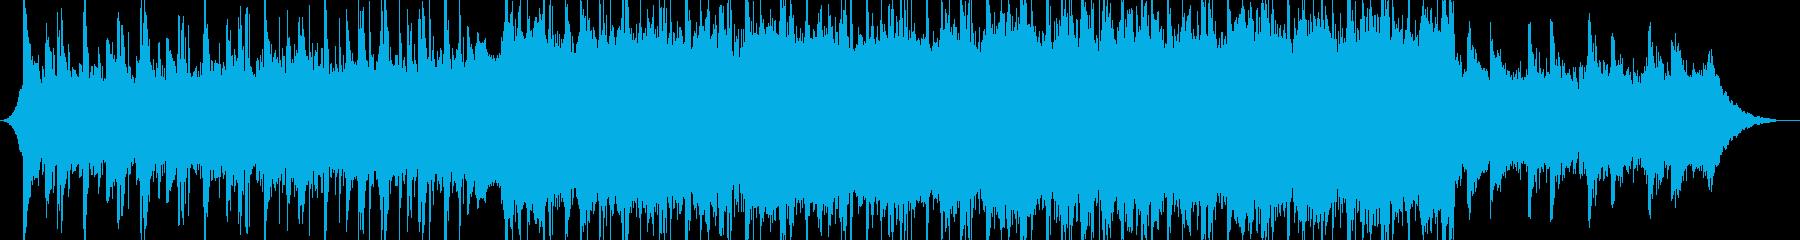 企業技術広告のプレゼンテーション文字列の再生済みの波形